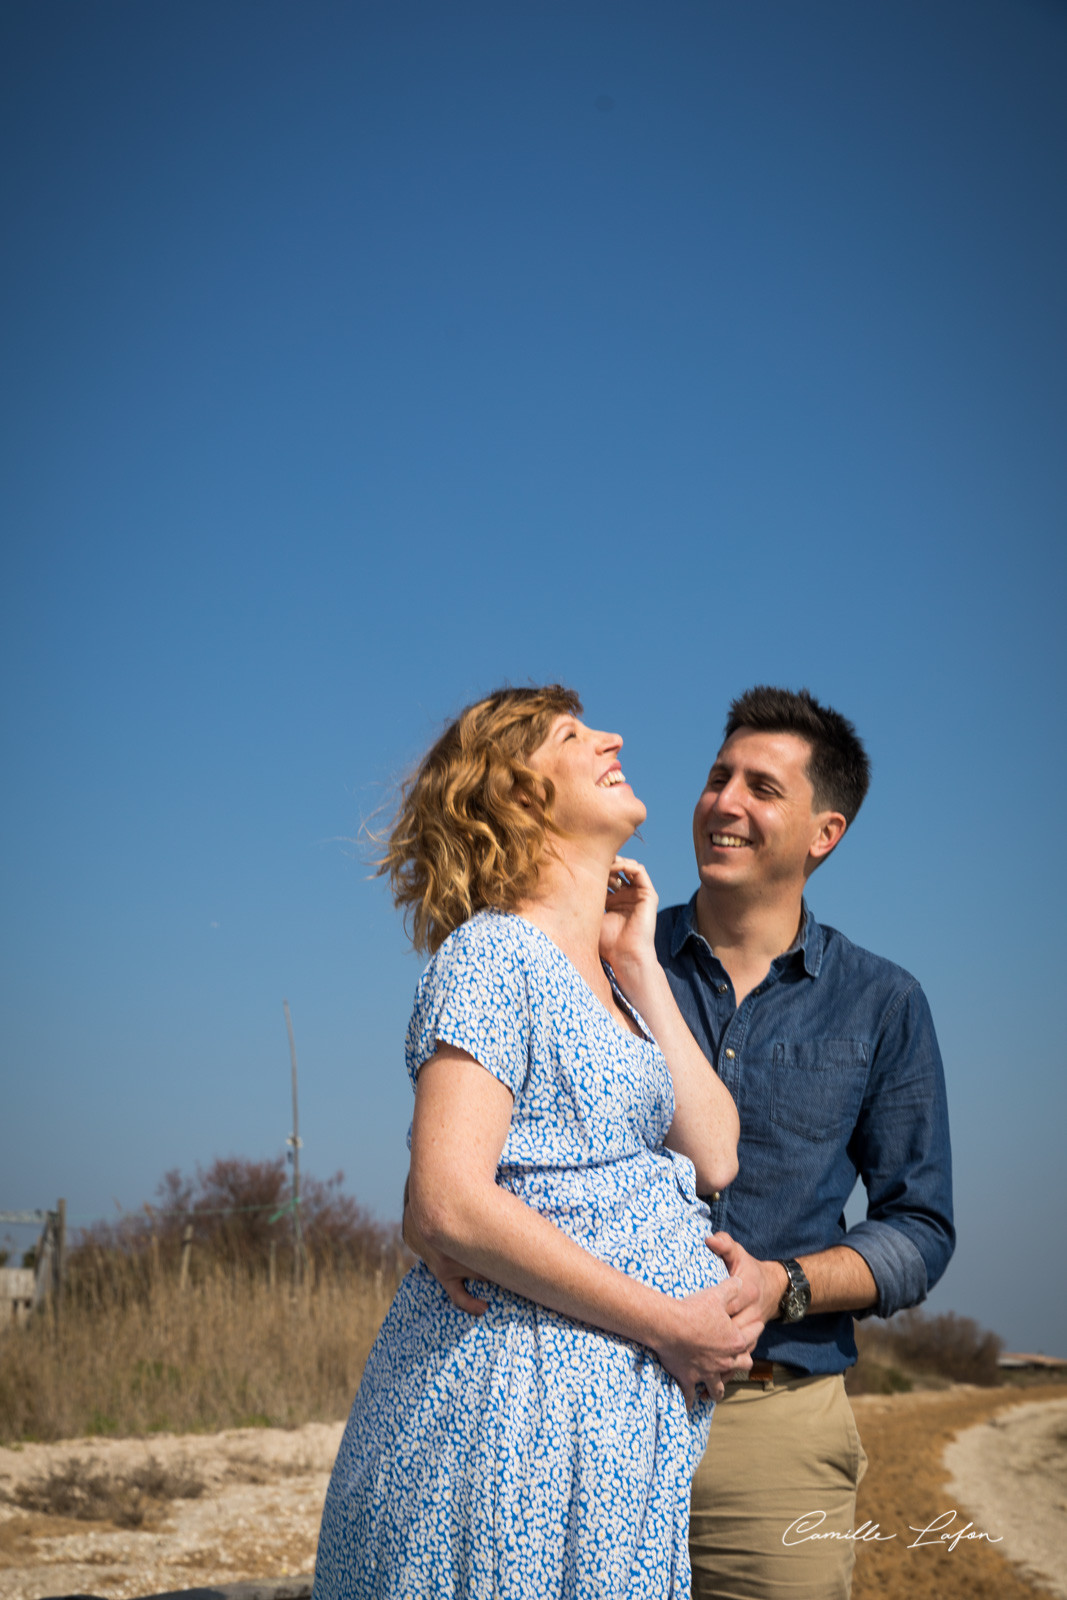 photographe famille grossesse montpellier plage studio